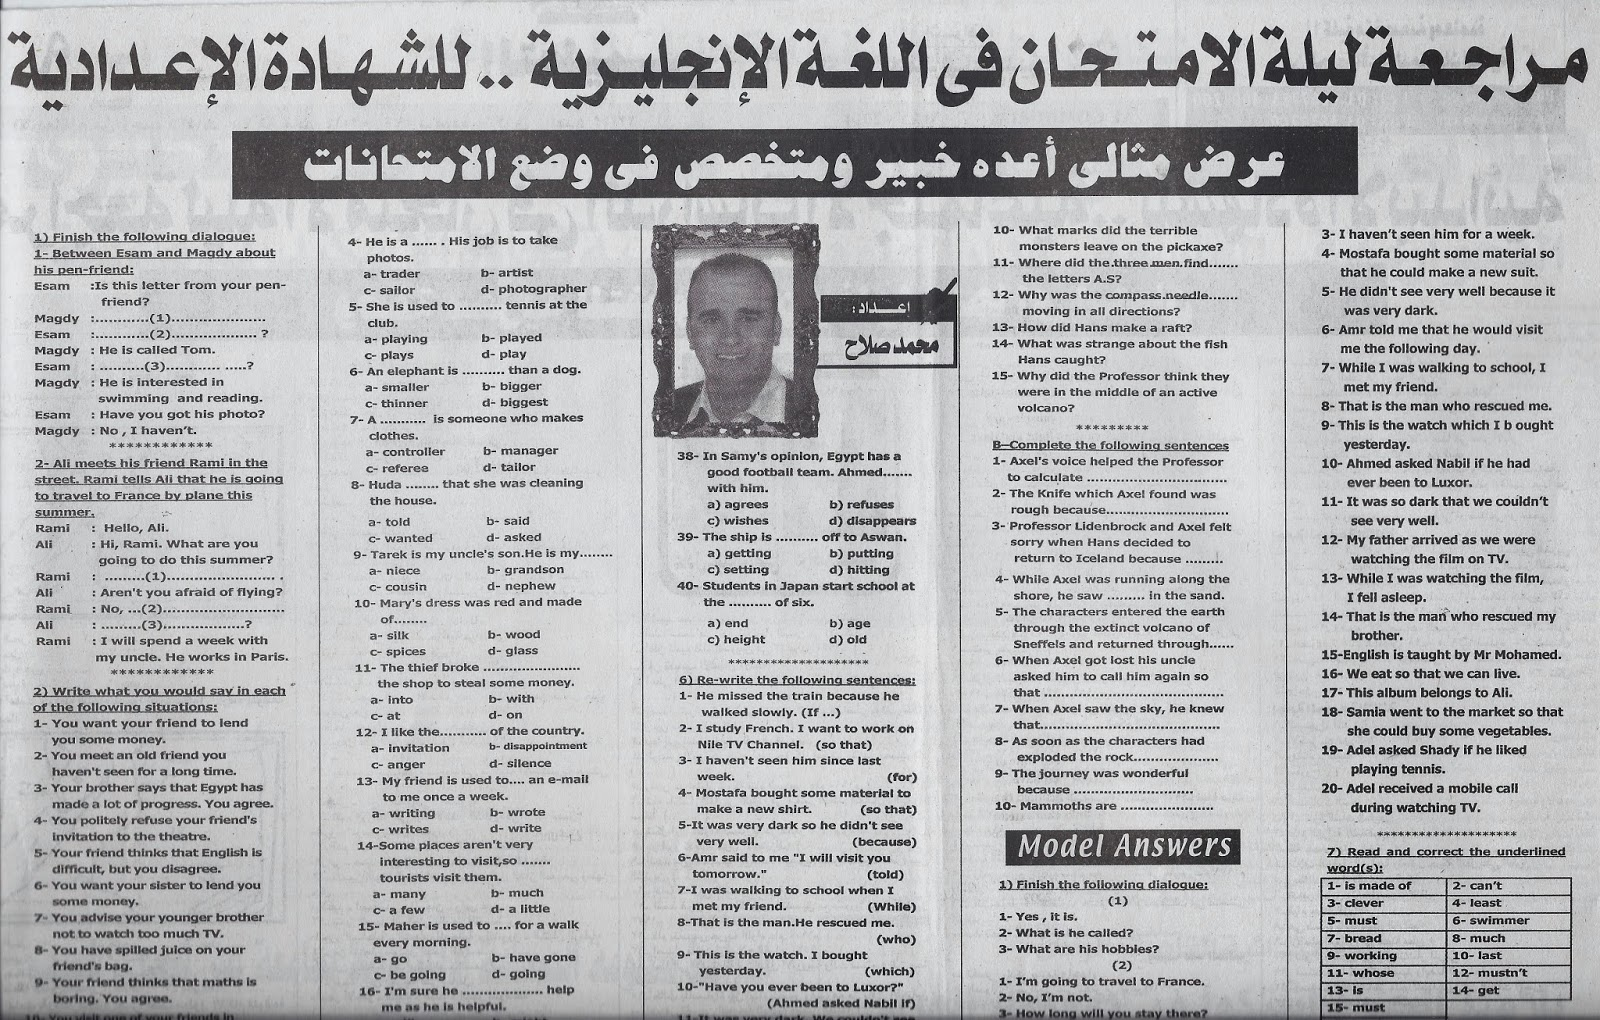 الاسئلة المتوقعة فى اللغة الانجليزية للشهادة الاعدادية الترم الثانى المنهاج المصري scan0004.jpg